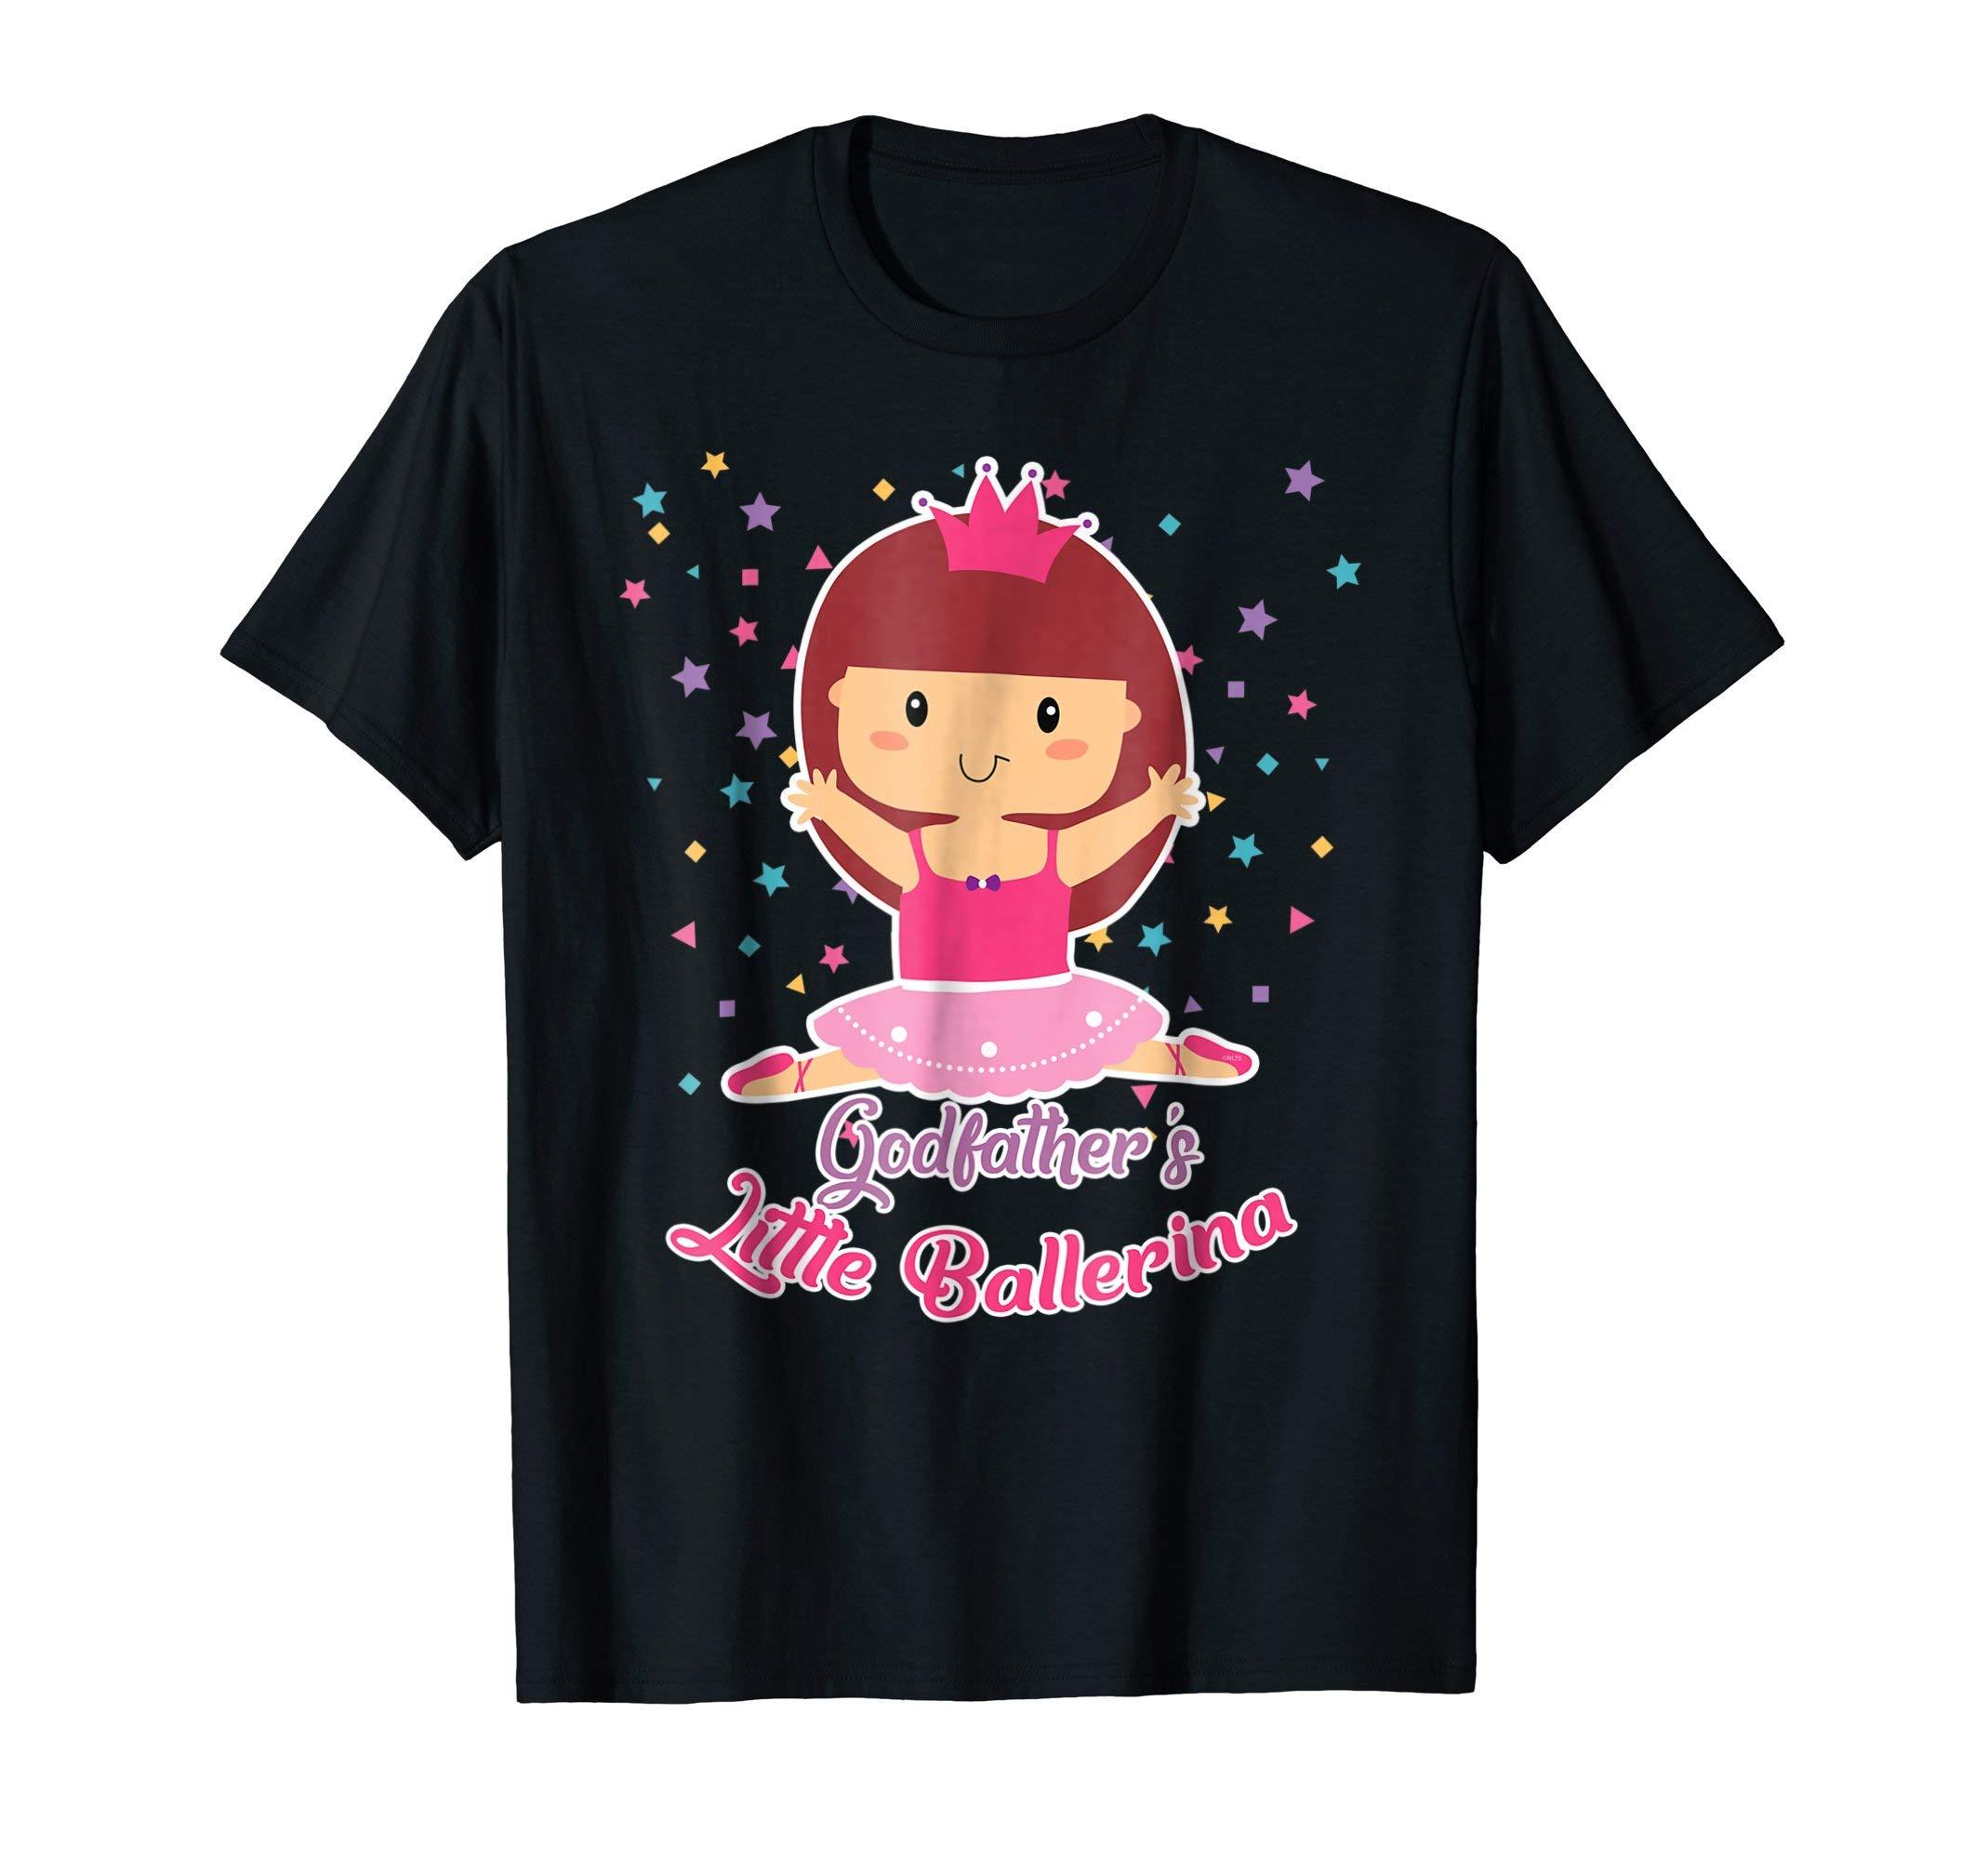 Godfathers-Little-Ballerina-Shirt-Ballet-Gifts-T-Shirt-Tee